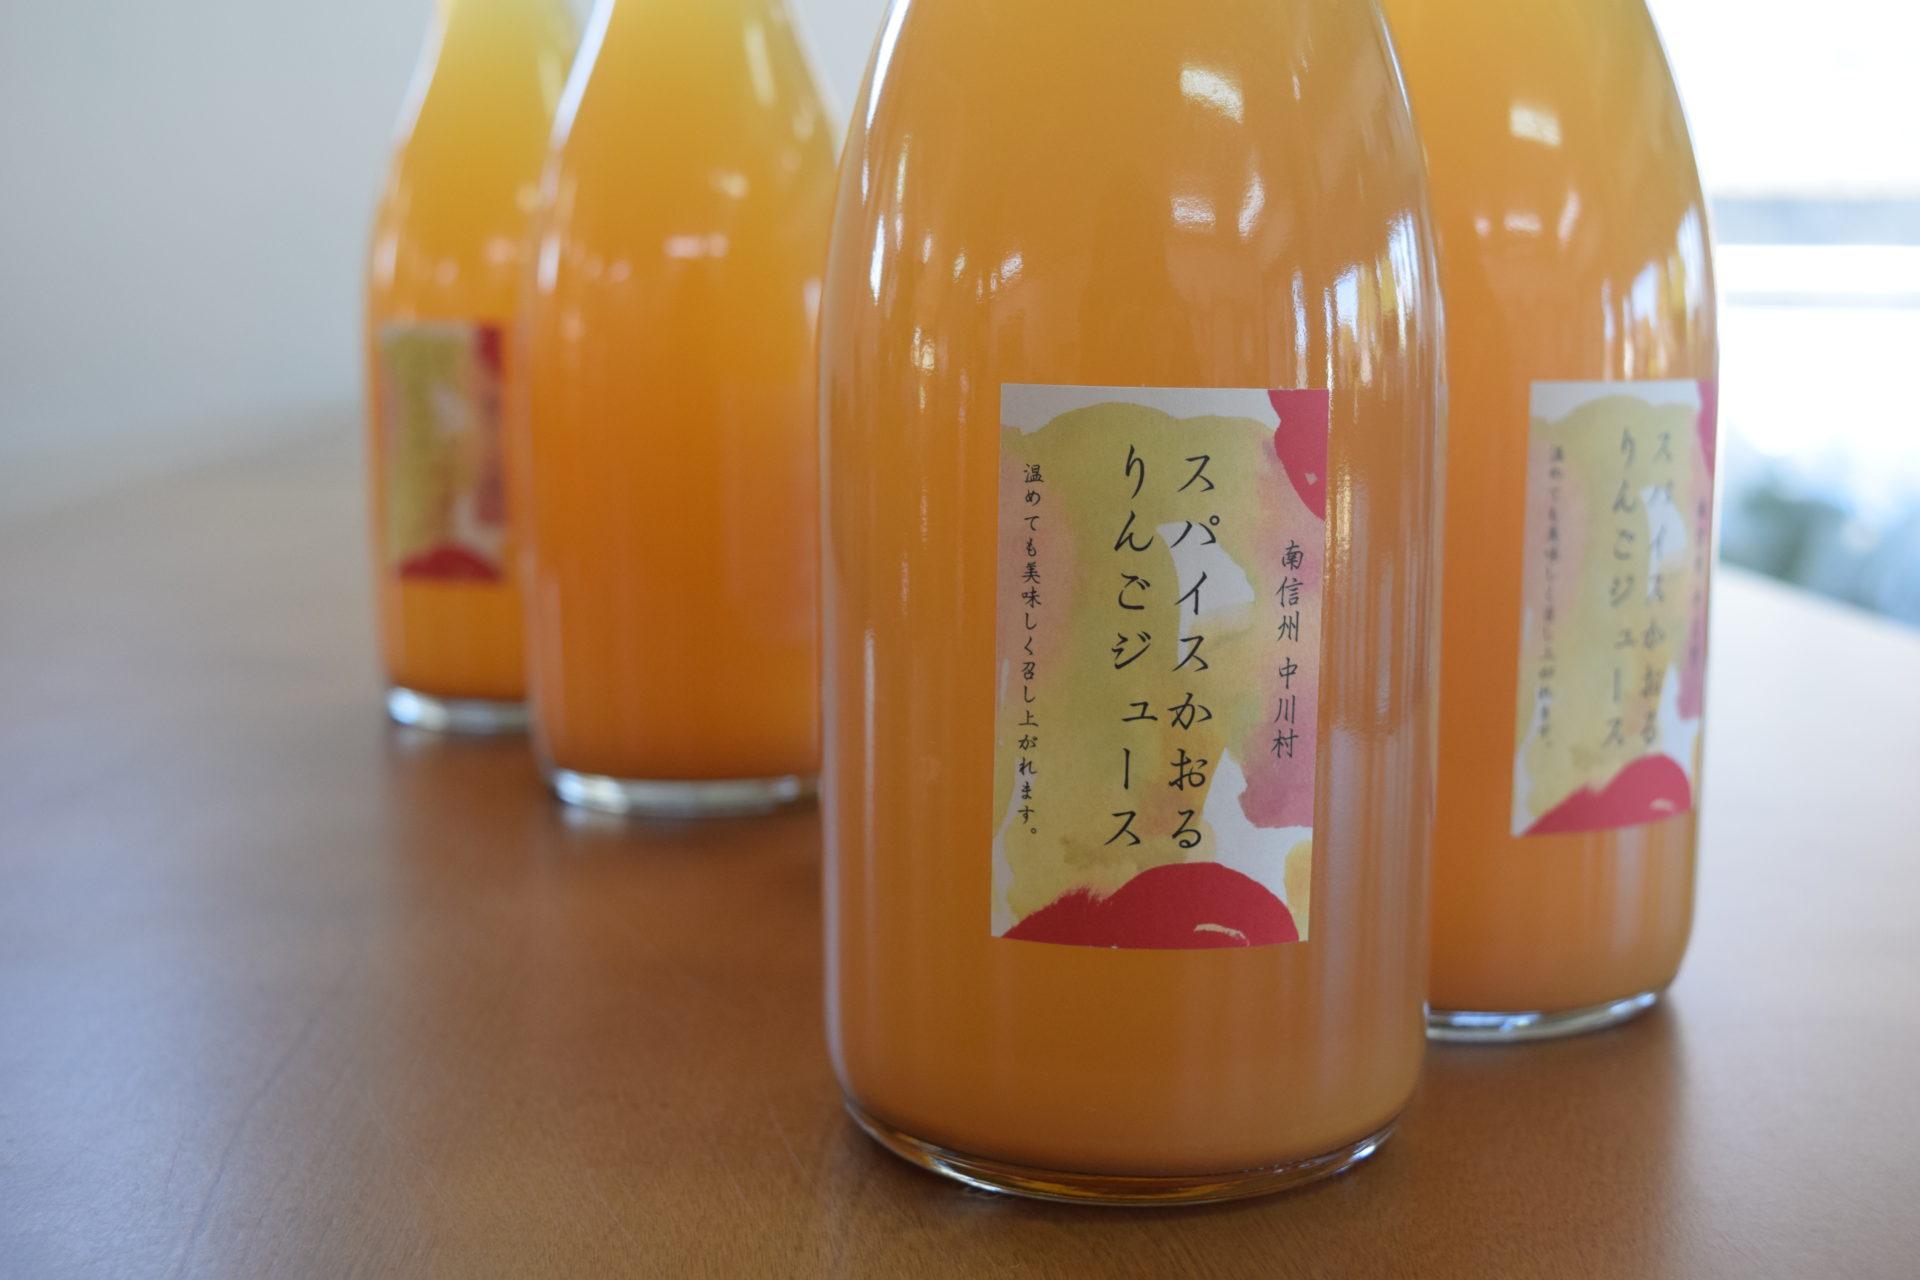 【美しい村連合・中川村】スパイスかおるりんごジュース